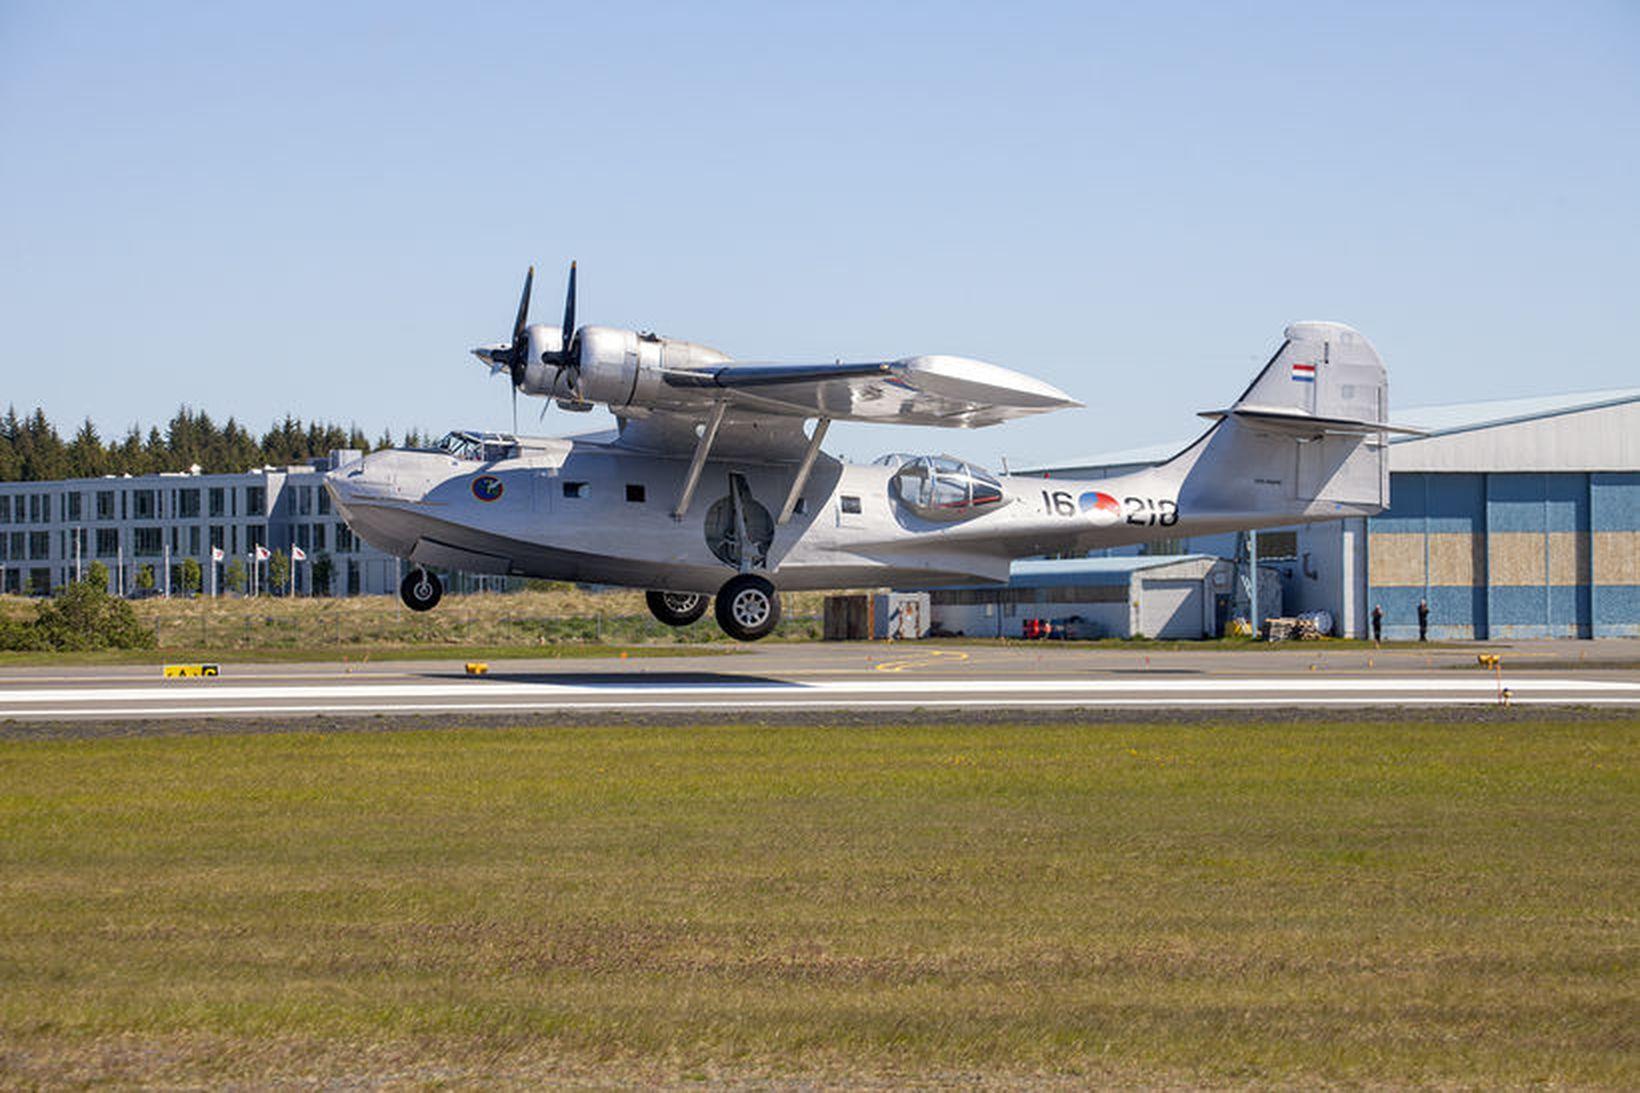 Flugbáturinn Catalina lendir á Reykjavíkurflugvelli.